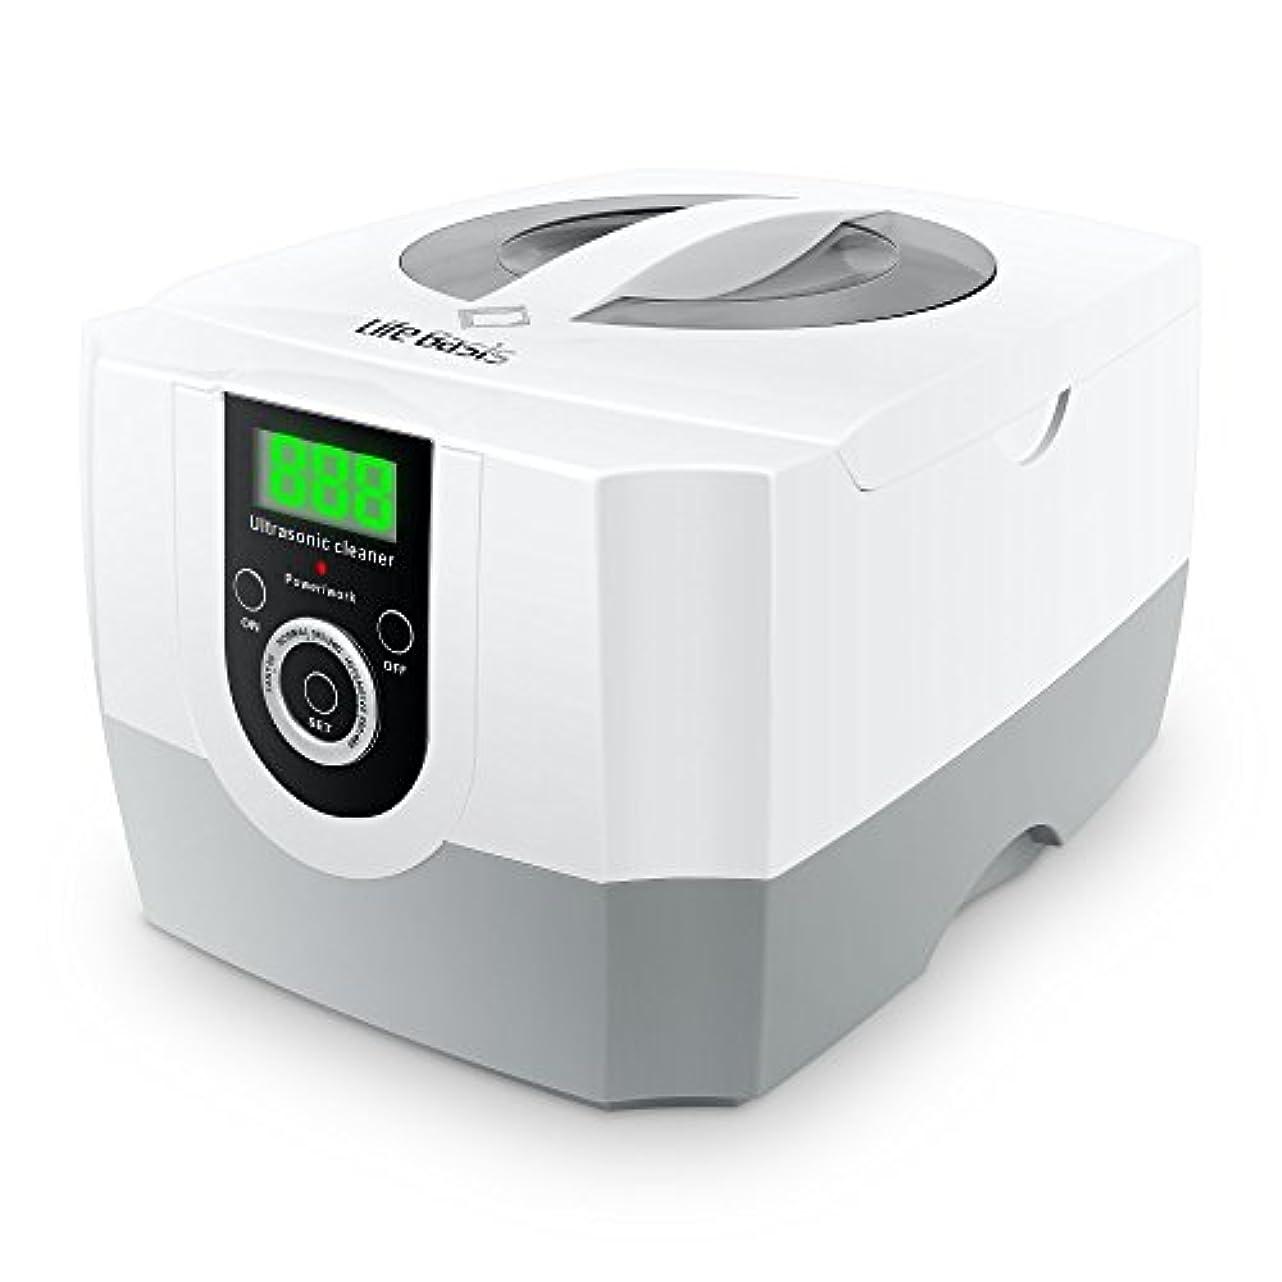 栄養用心LifeBasis 超音波洗浄機 小型業務用 1秒間42,000Hz回振動数 1400ml超大容量 パワフル70W 超音波クリーナー 5段階タイマー設定可能 デジタルLED時間表示 観察ランプ付き アクセサリー リング...